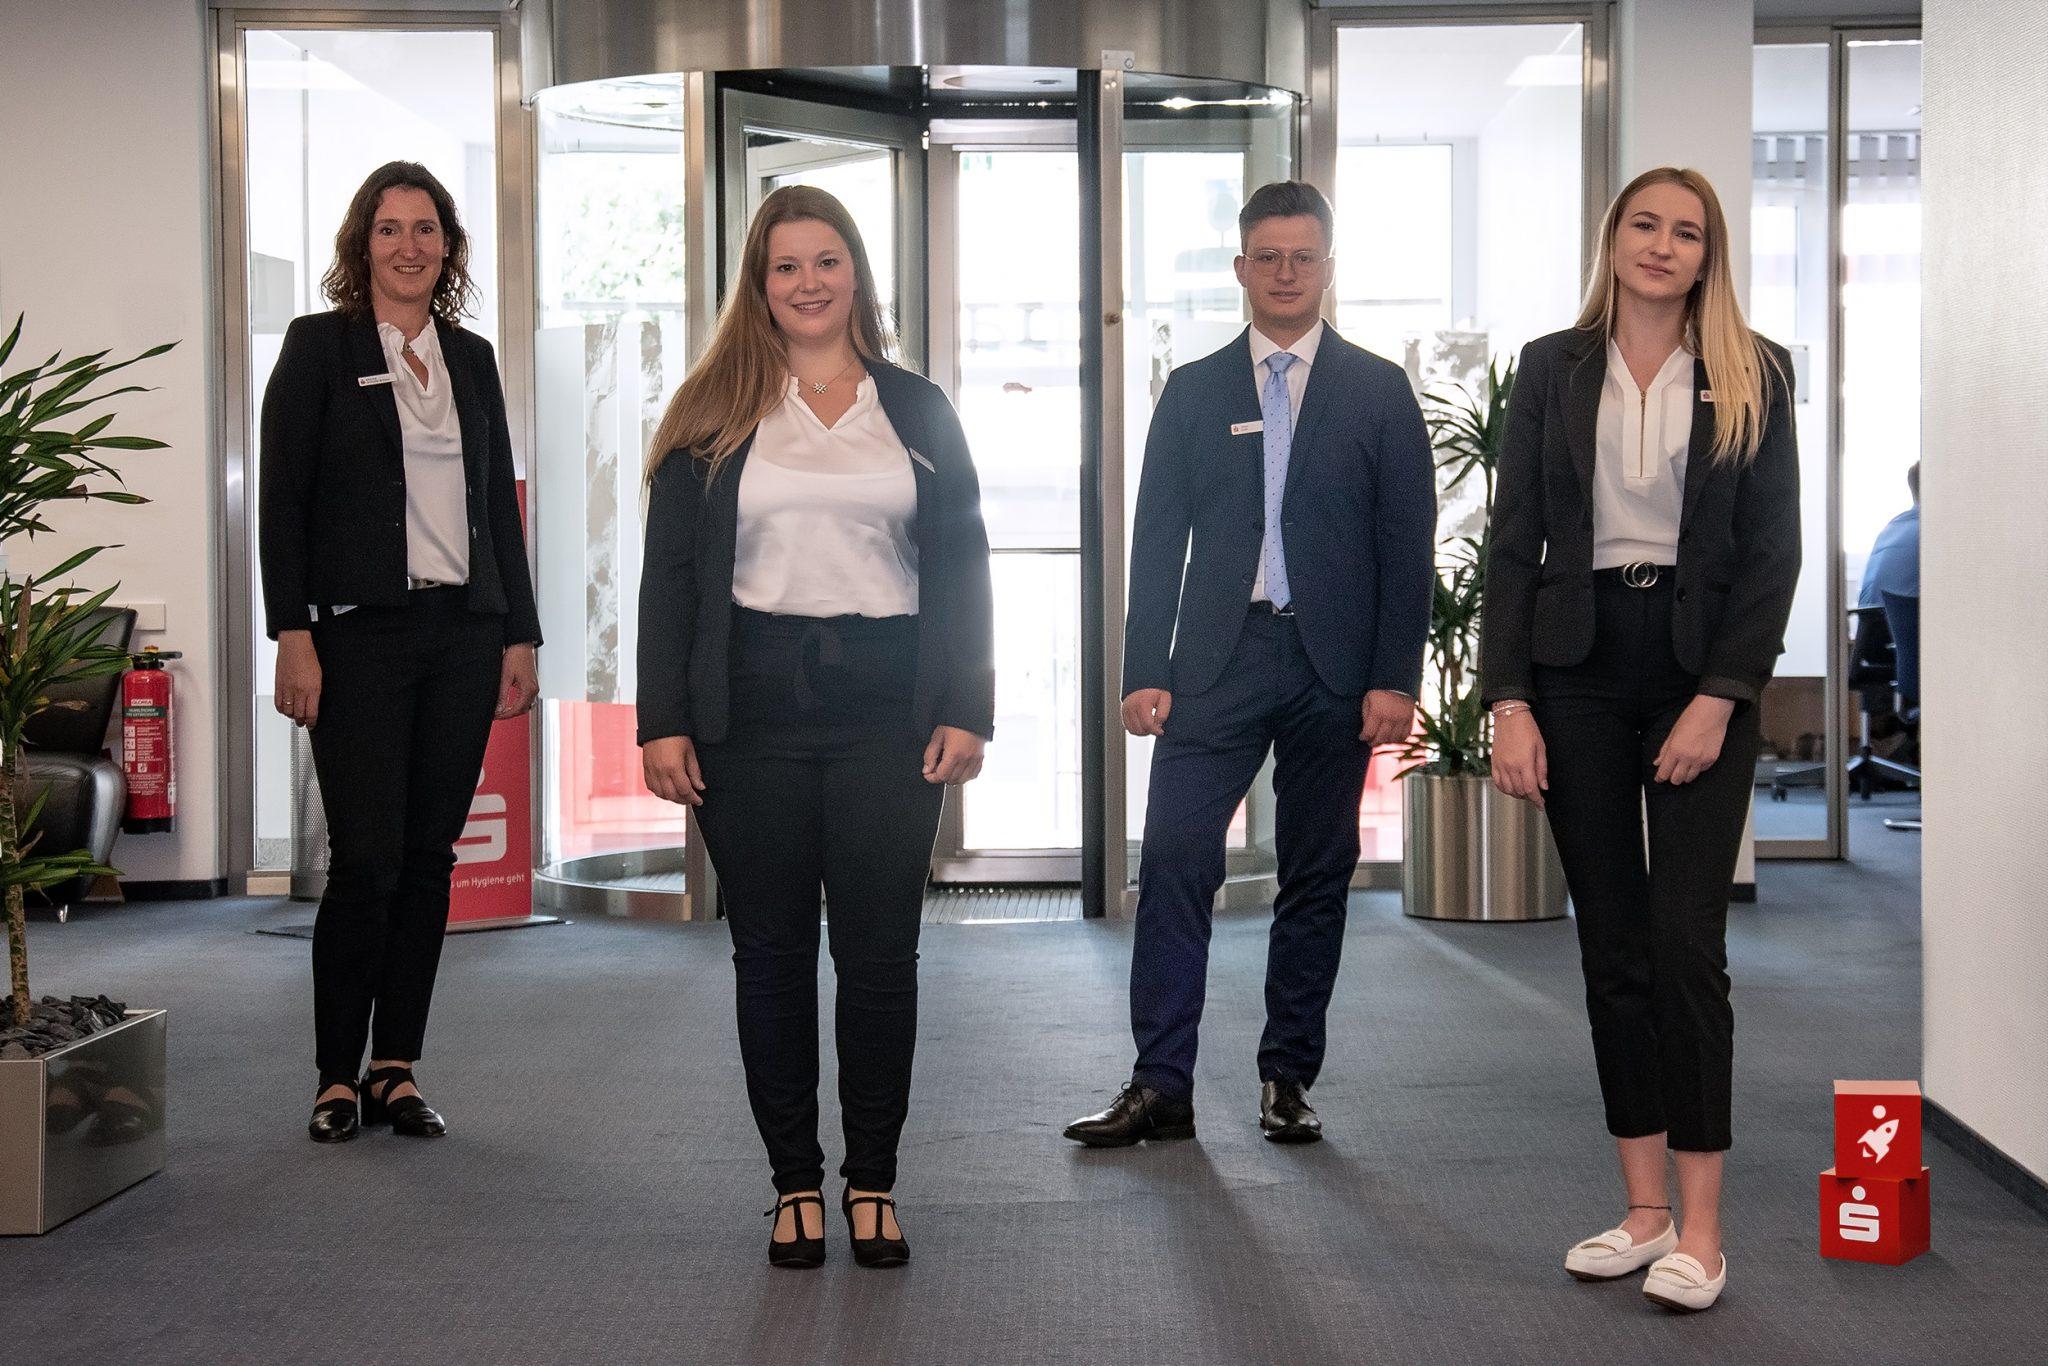 Berufsstart für drei Auszubildende in der Sparkasse Olpe-Drolshagen-Wenden